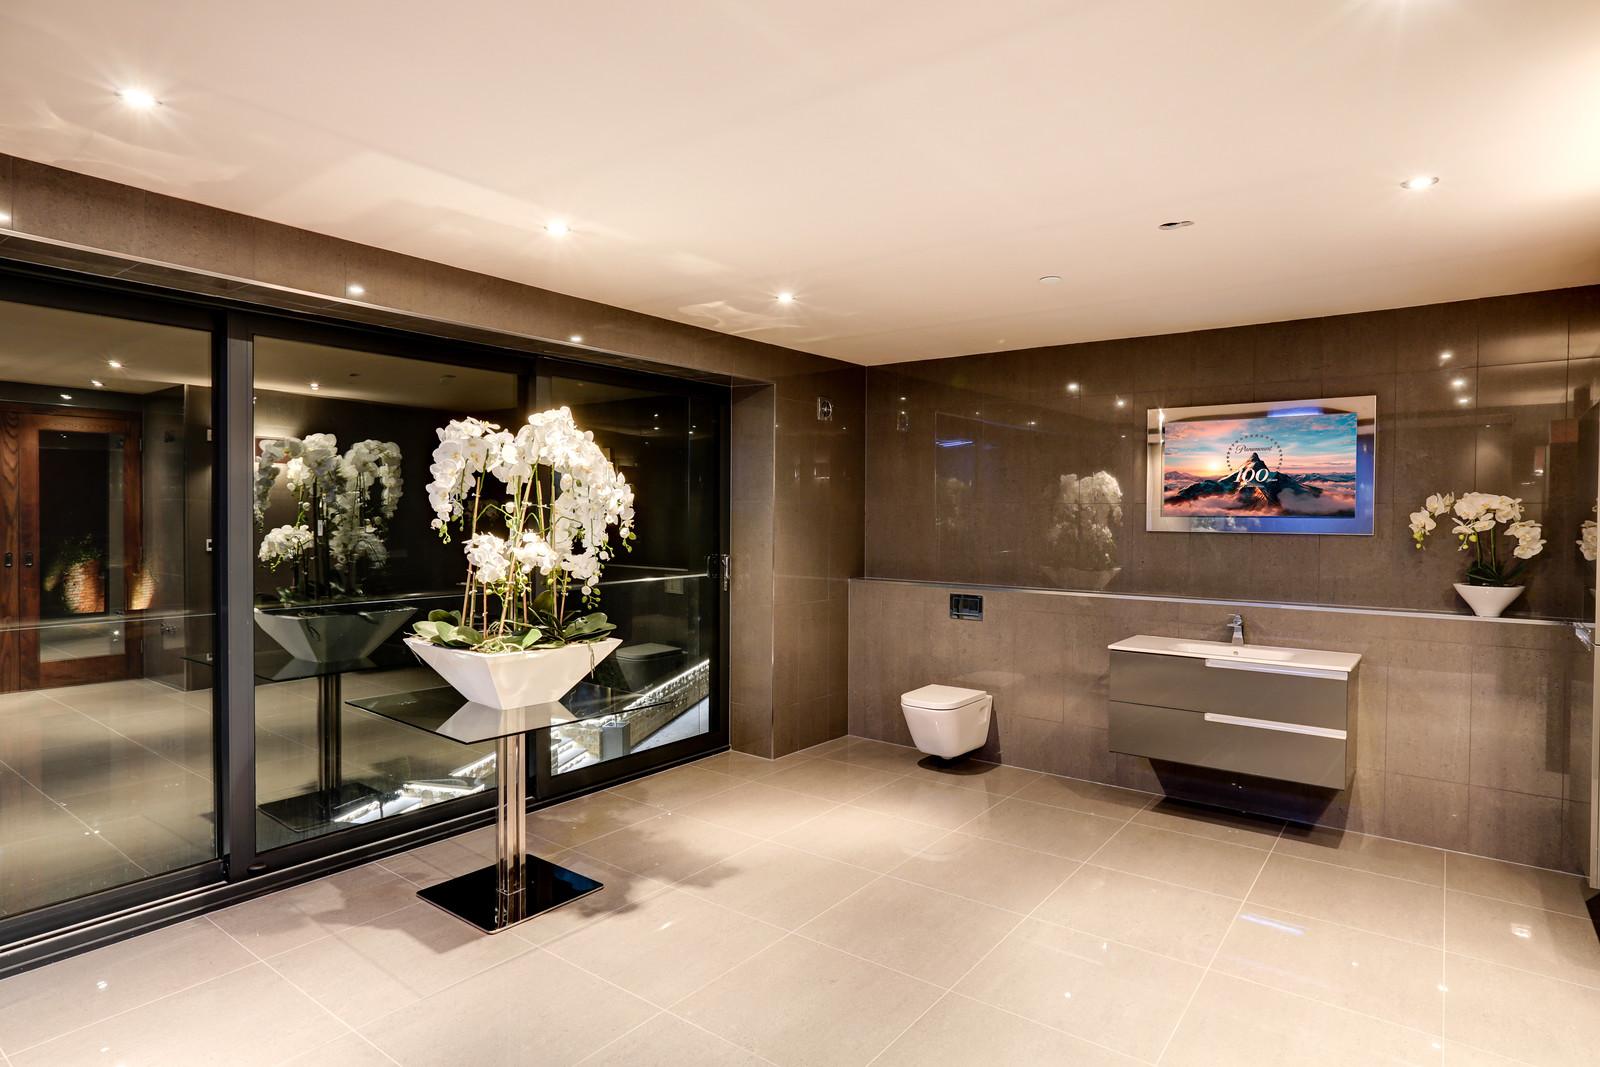 Designer bathroom, Tanglewood Colston Bassett, Nottinghamshire